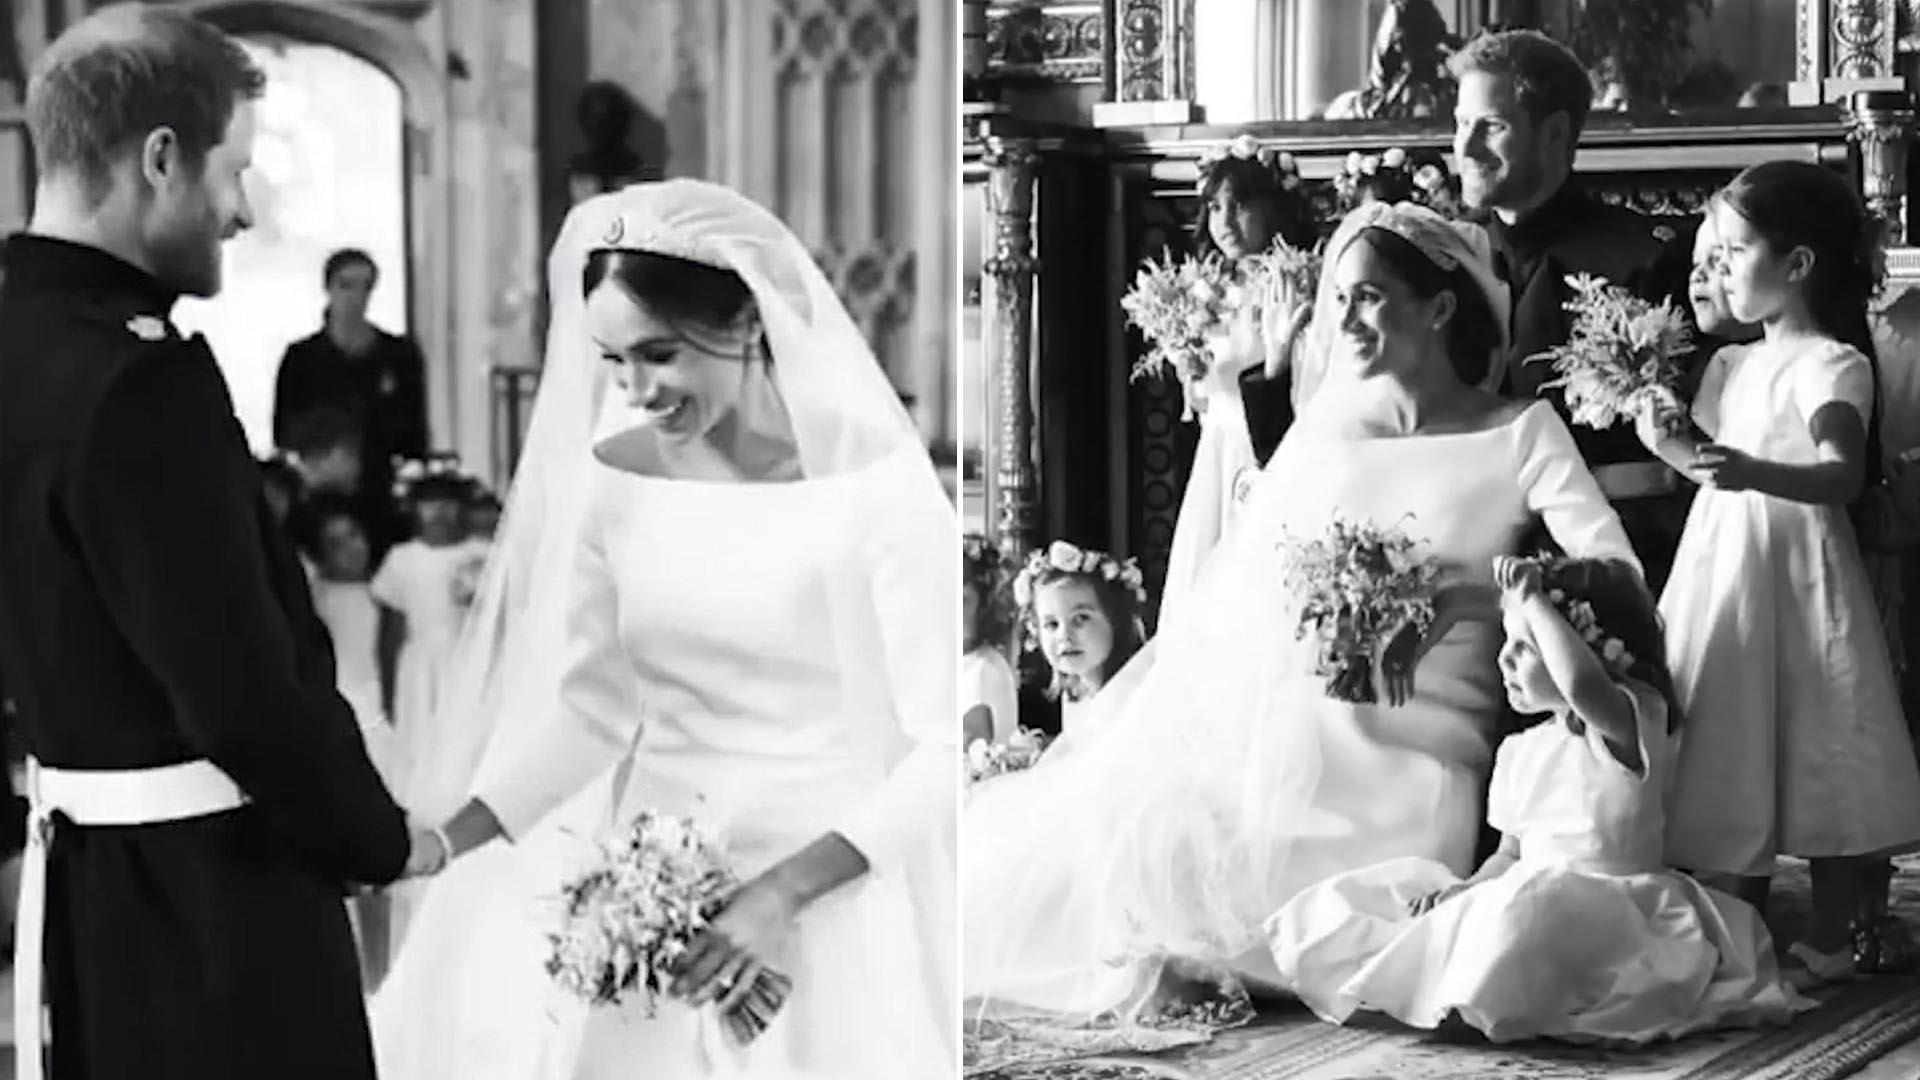 Los duques de Sussex compartieron un clip de su casamiento en Instagram